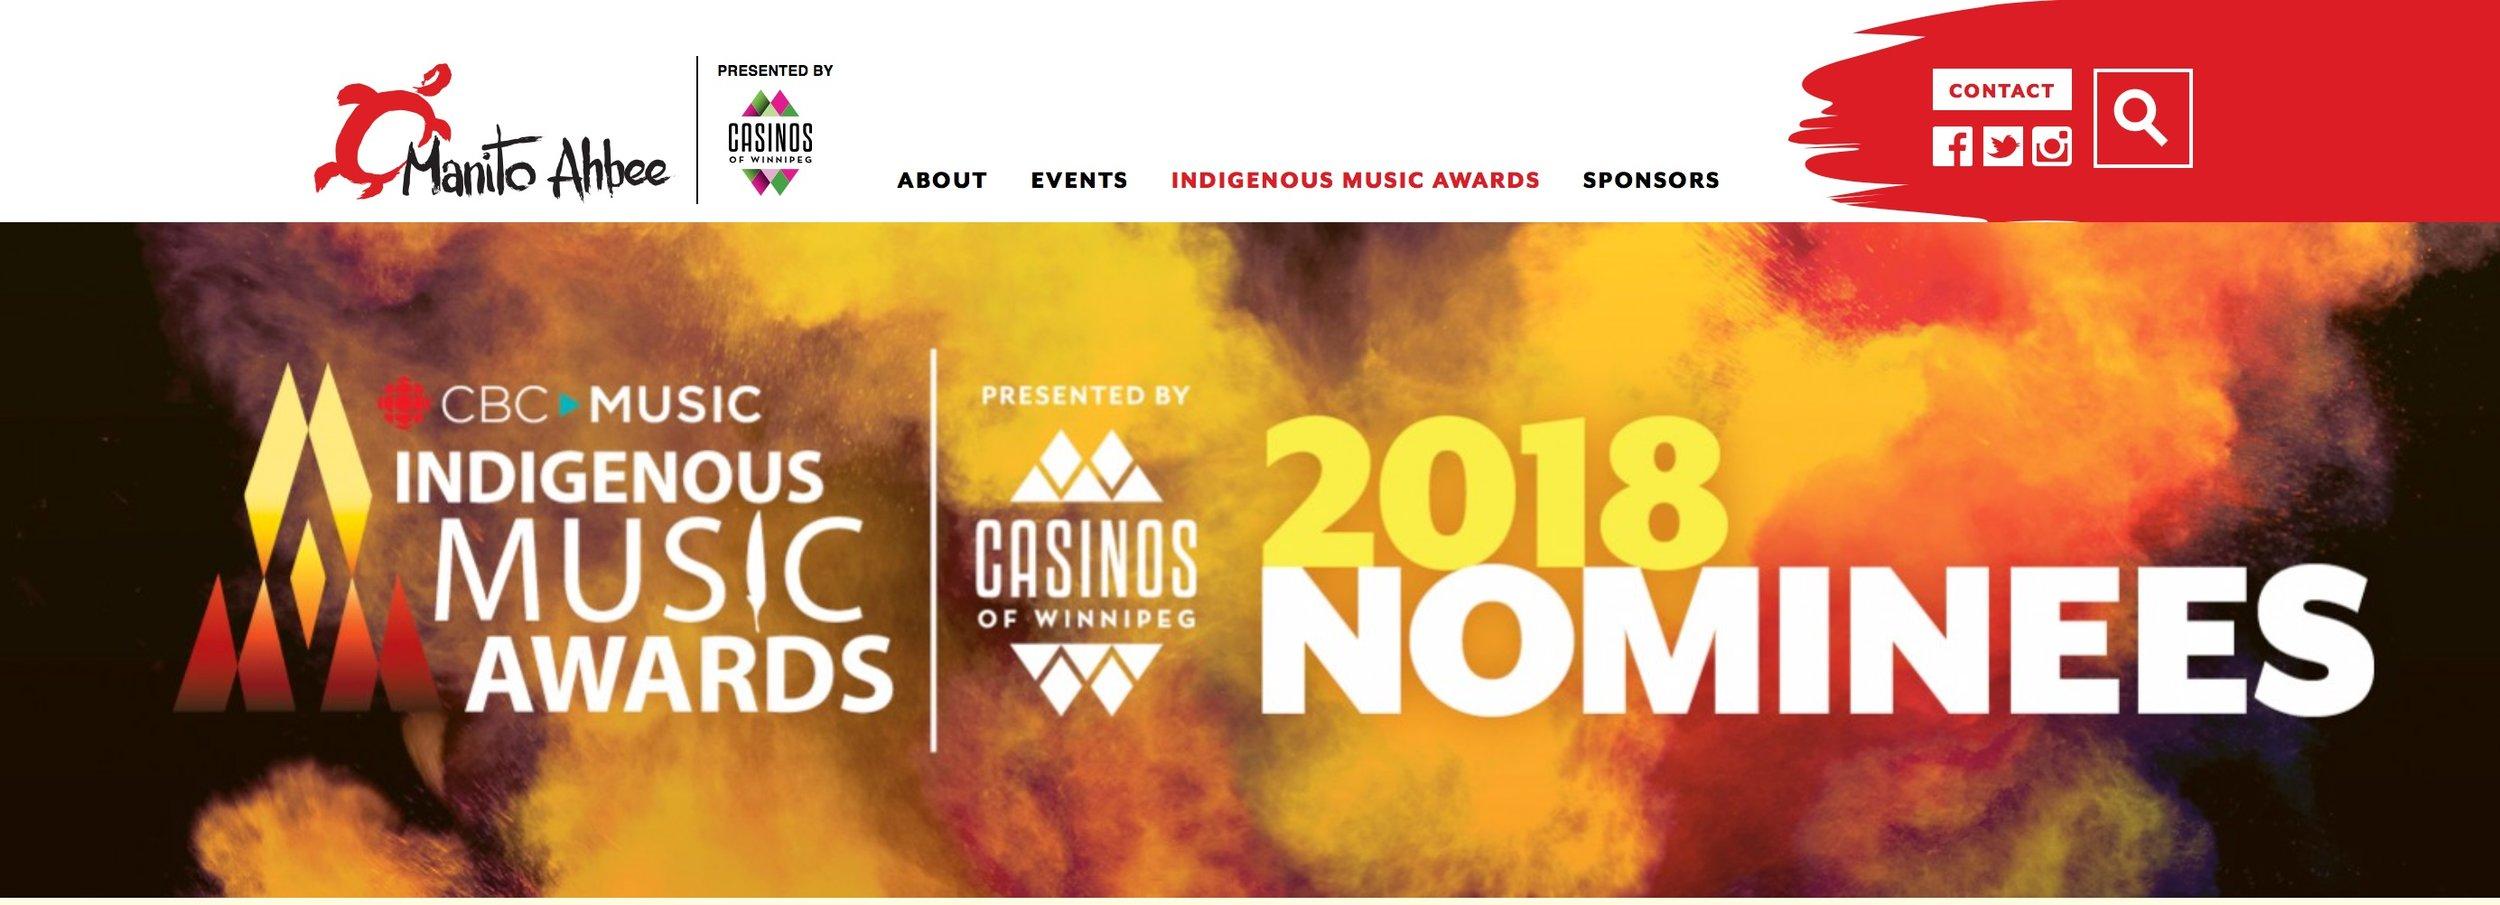 cbc indigenous awards